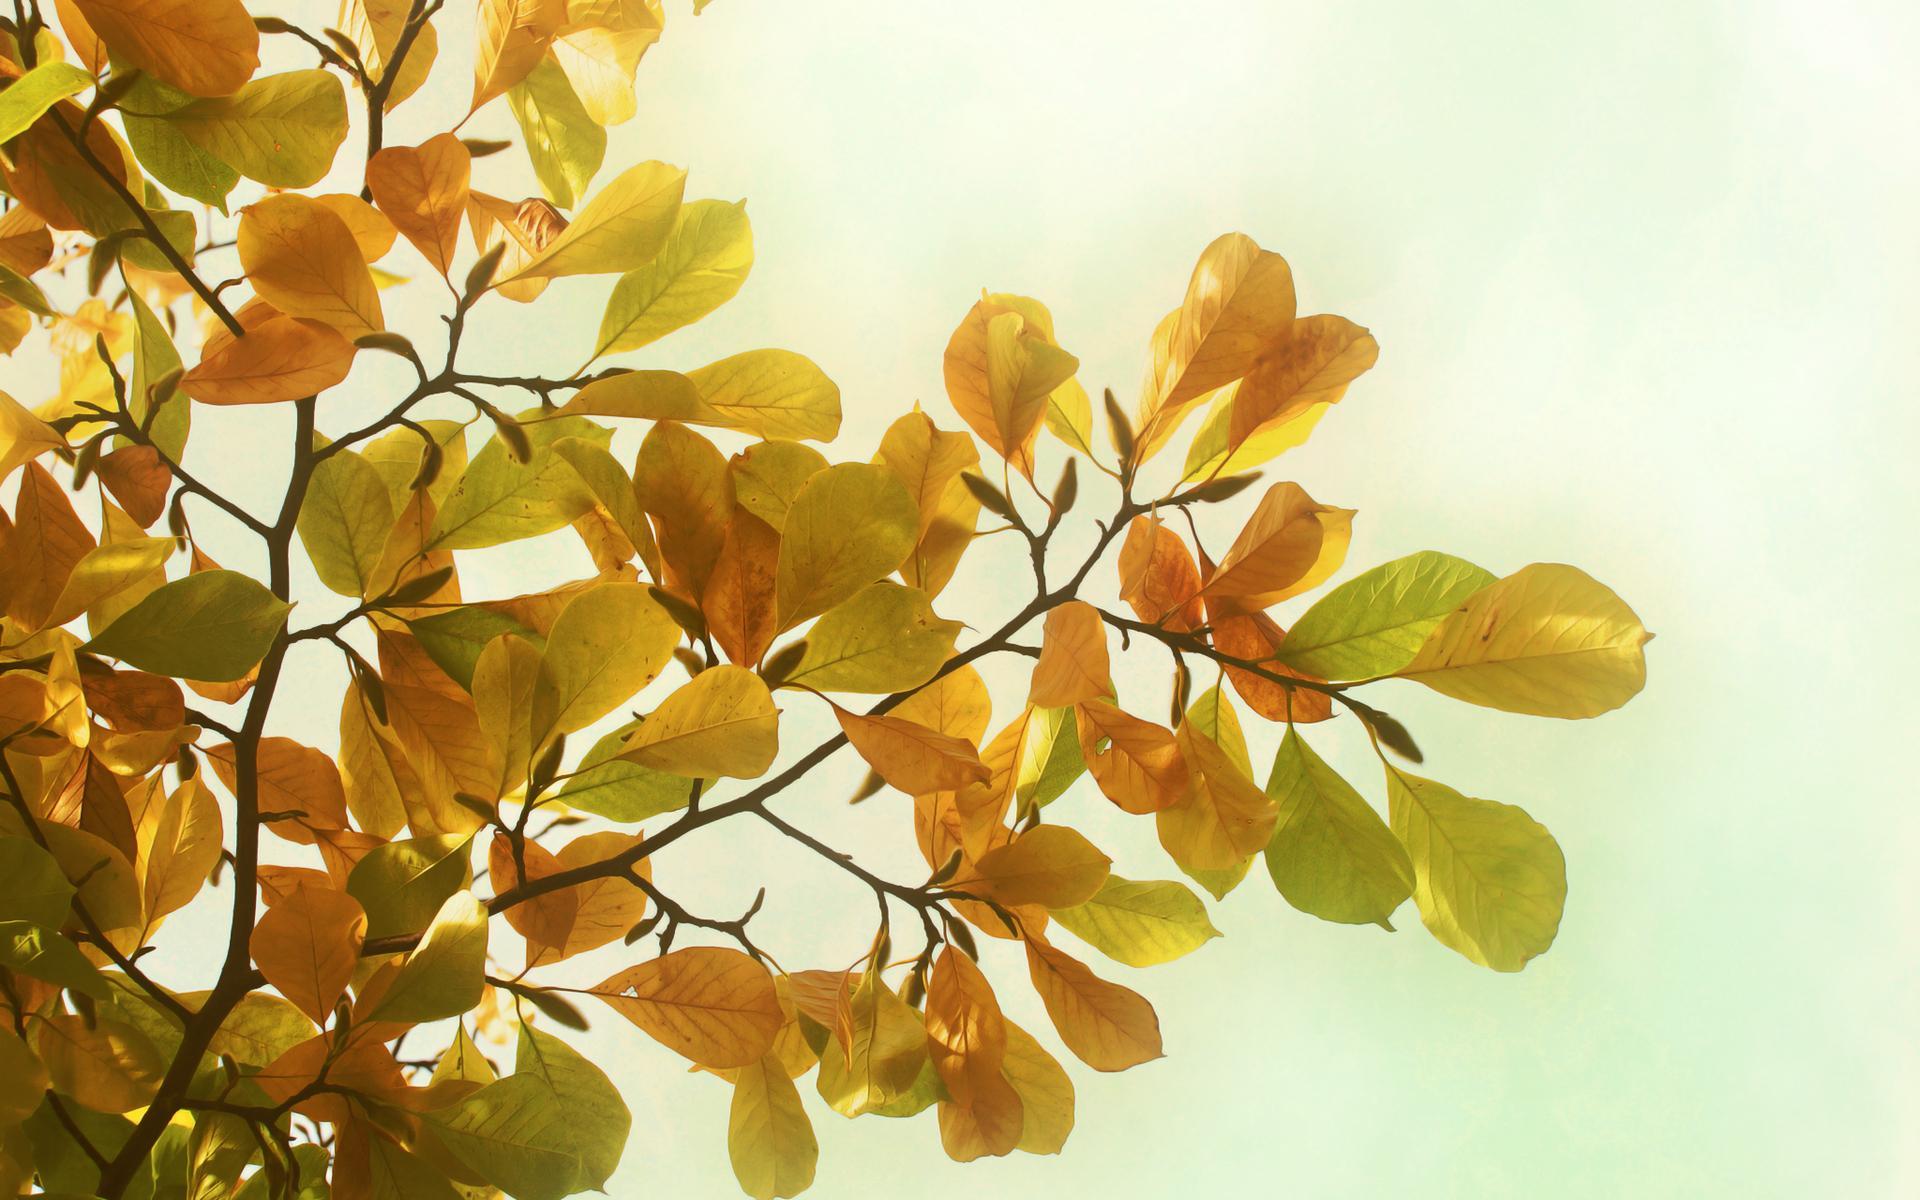 Осень деревья листья ветки природа